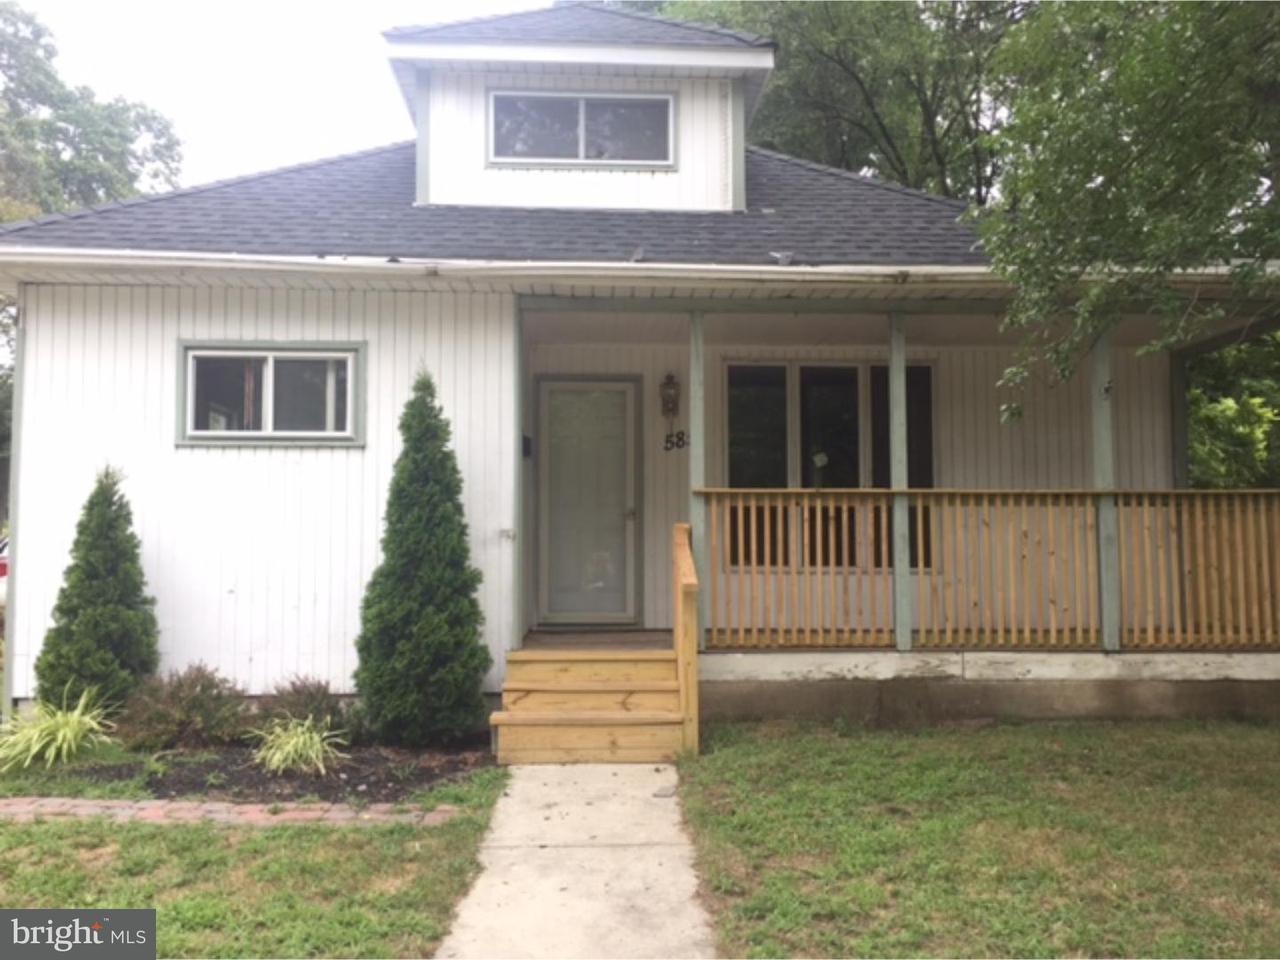 Частный односемейный дом для того Аренда на 585 BERLIN Road Clementon, Нью-Джерси 08021 Соединенные Штаты